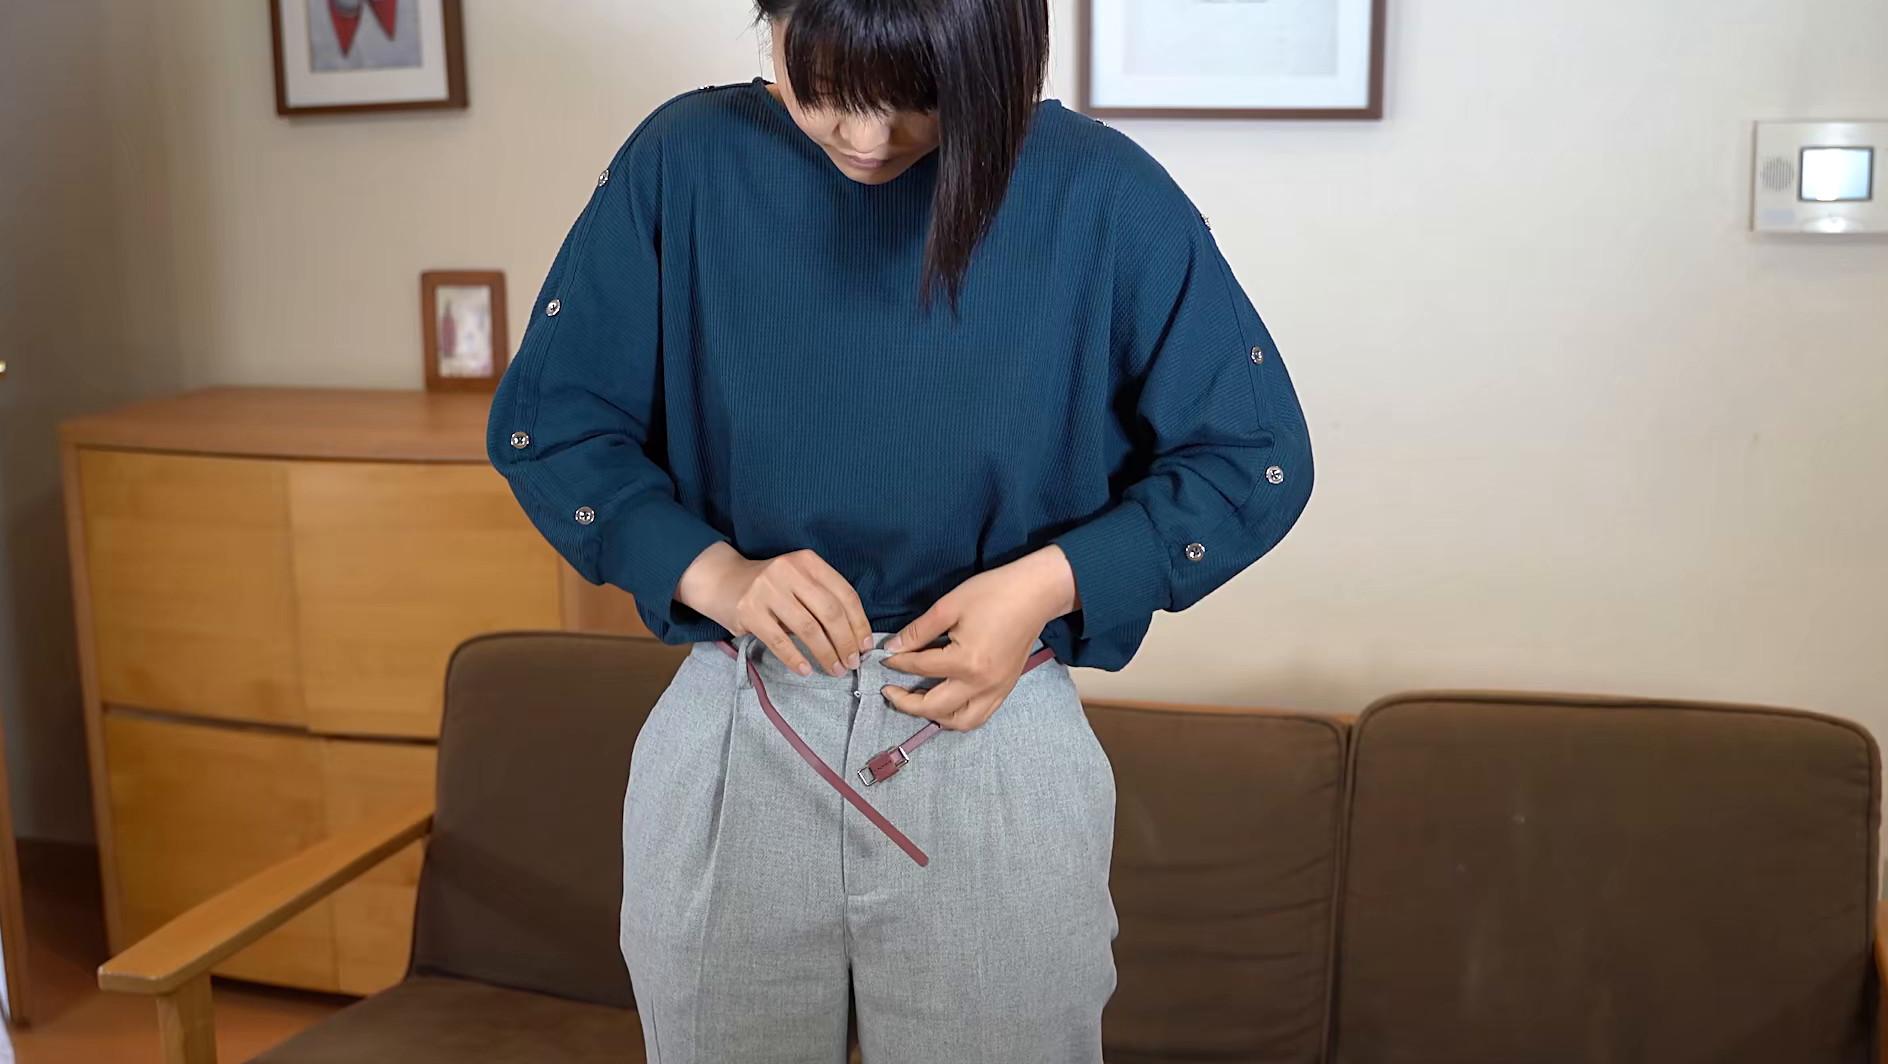 アナルを見せるのはイイけど、オ●ンコは・・・嫌だから前貼りを自分で貼ってお尻の穴を見せてあげる 長谷部智美 画像2